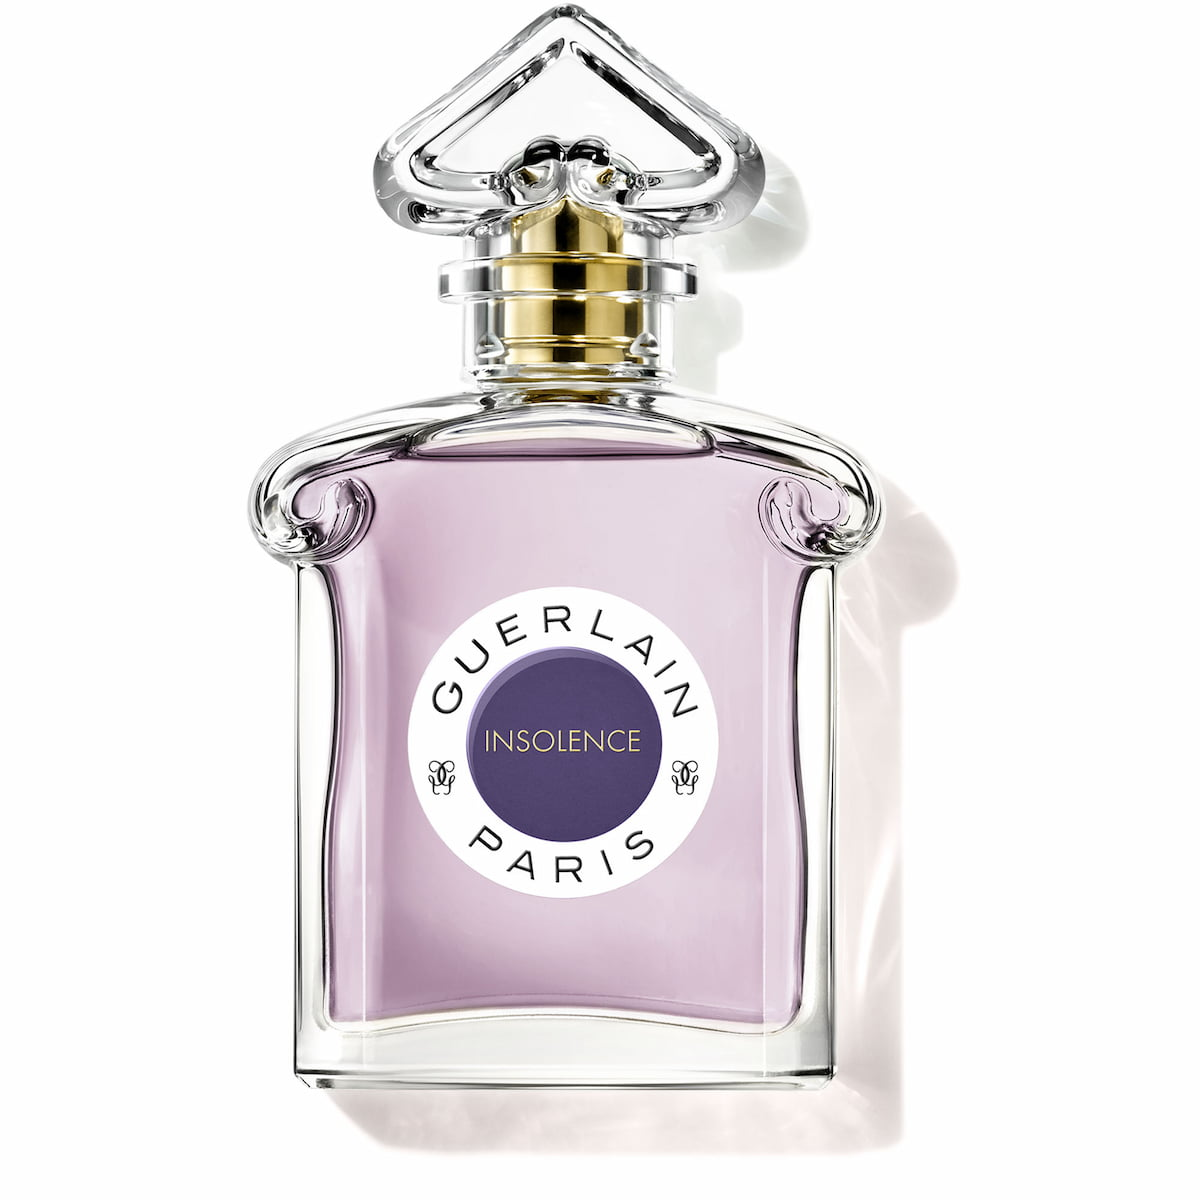 Eau de Parfum Insolence - GUERLAIN